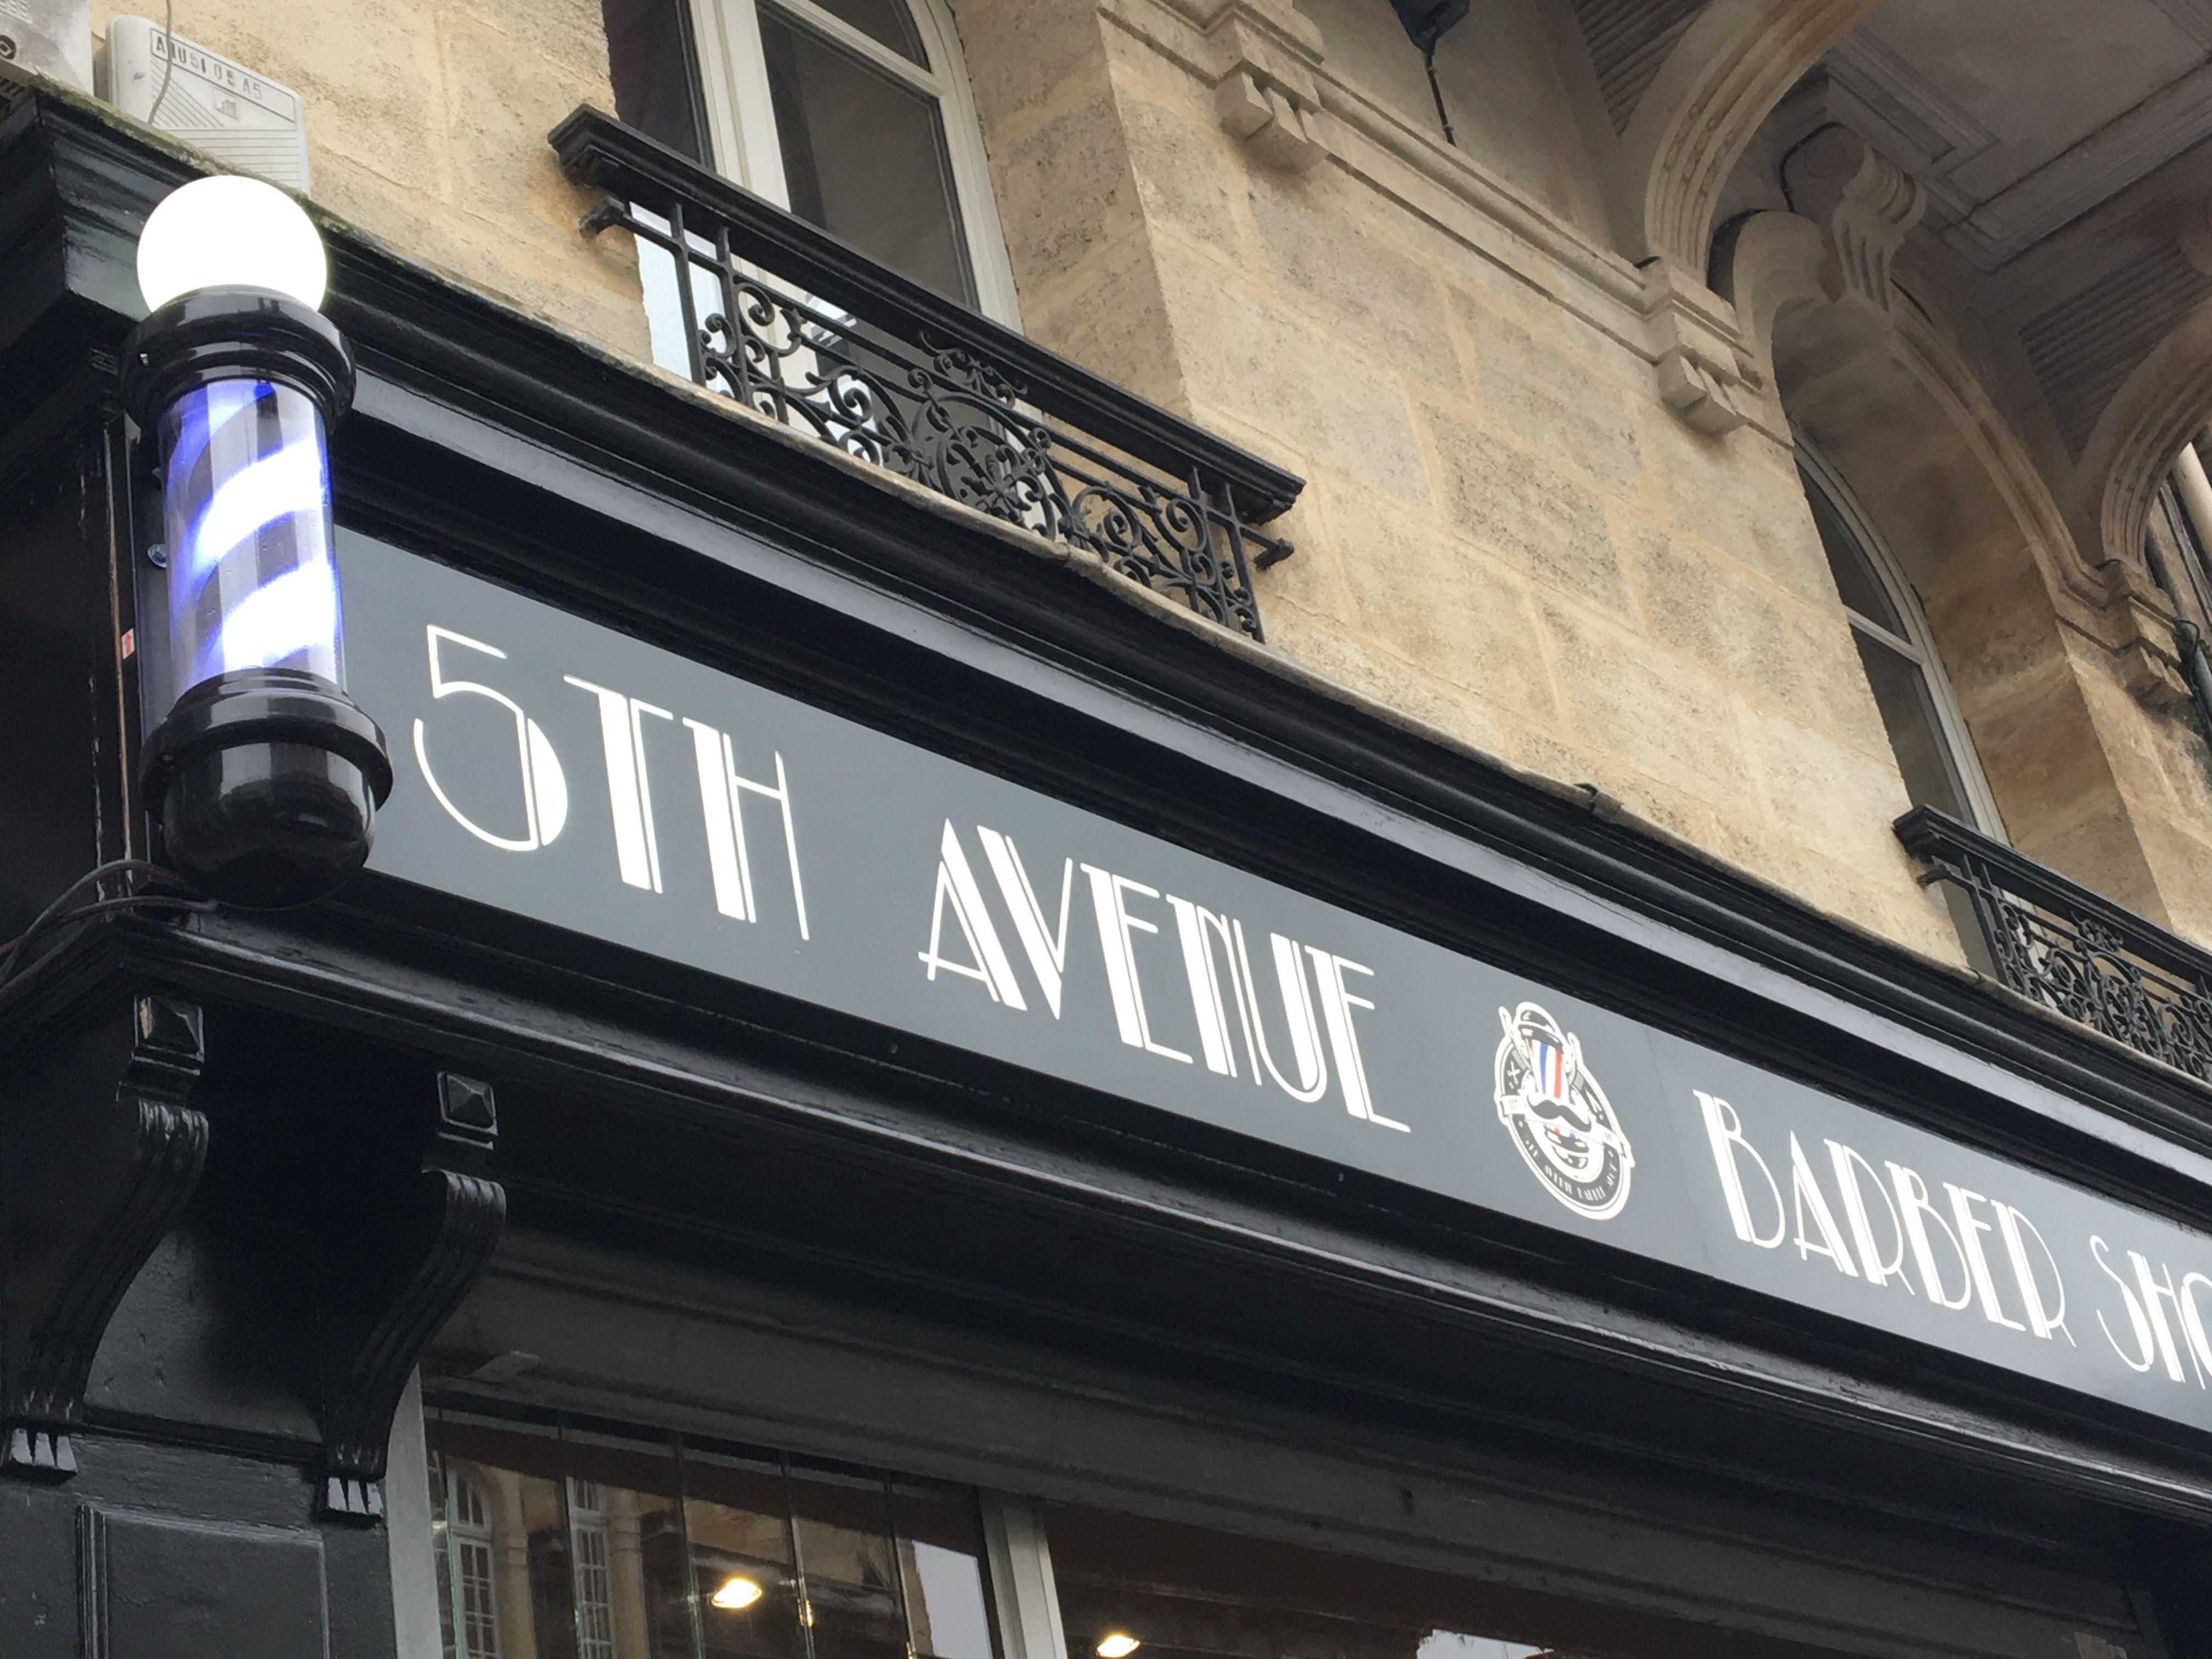 Enseigne Facade Salon 5th Avenue Barber Shop Bordeaux